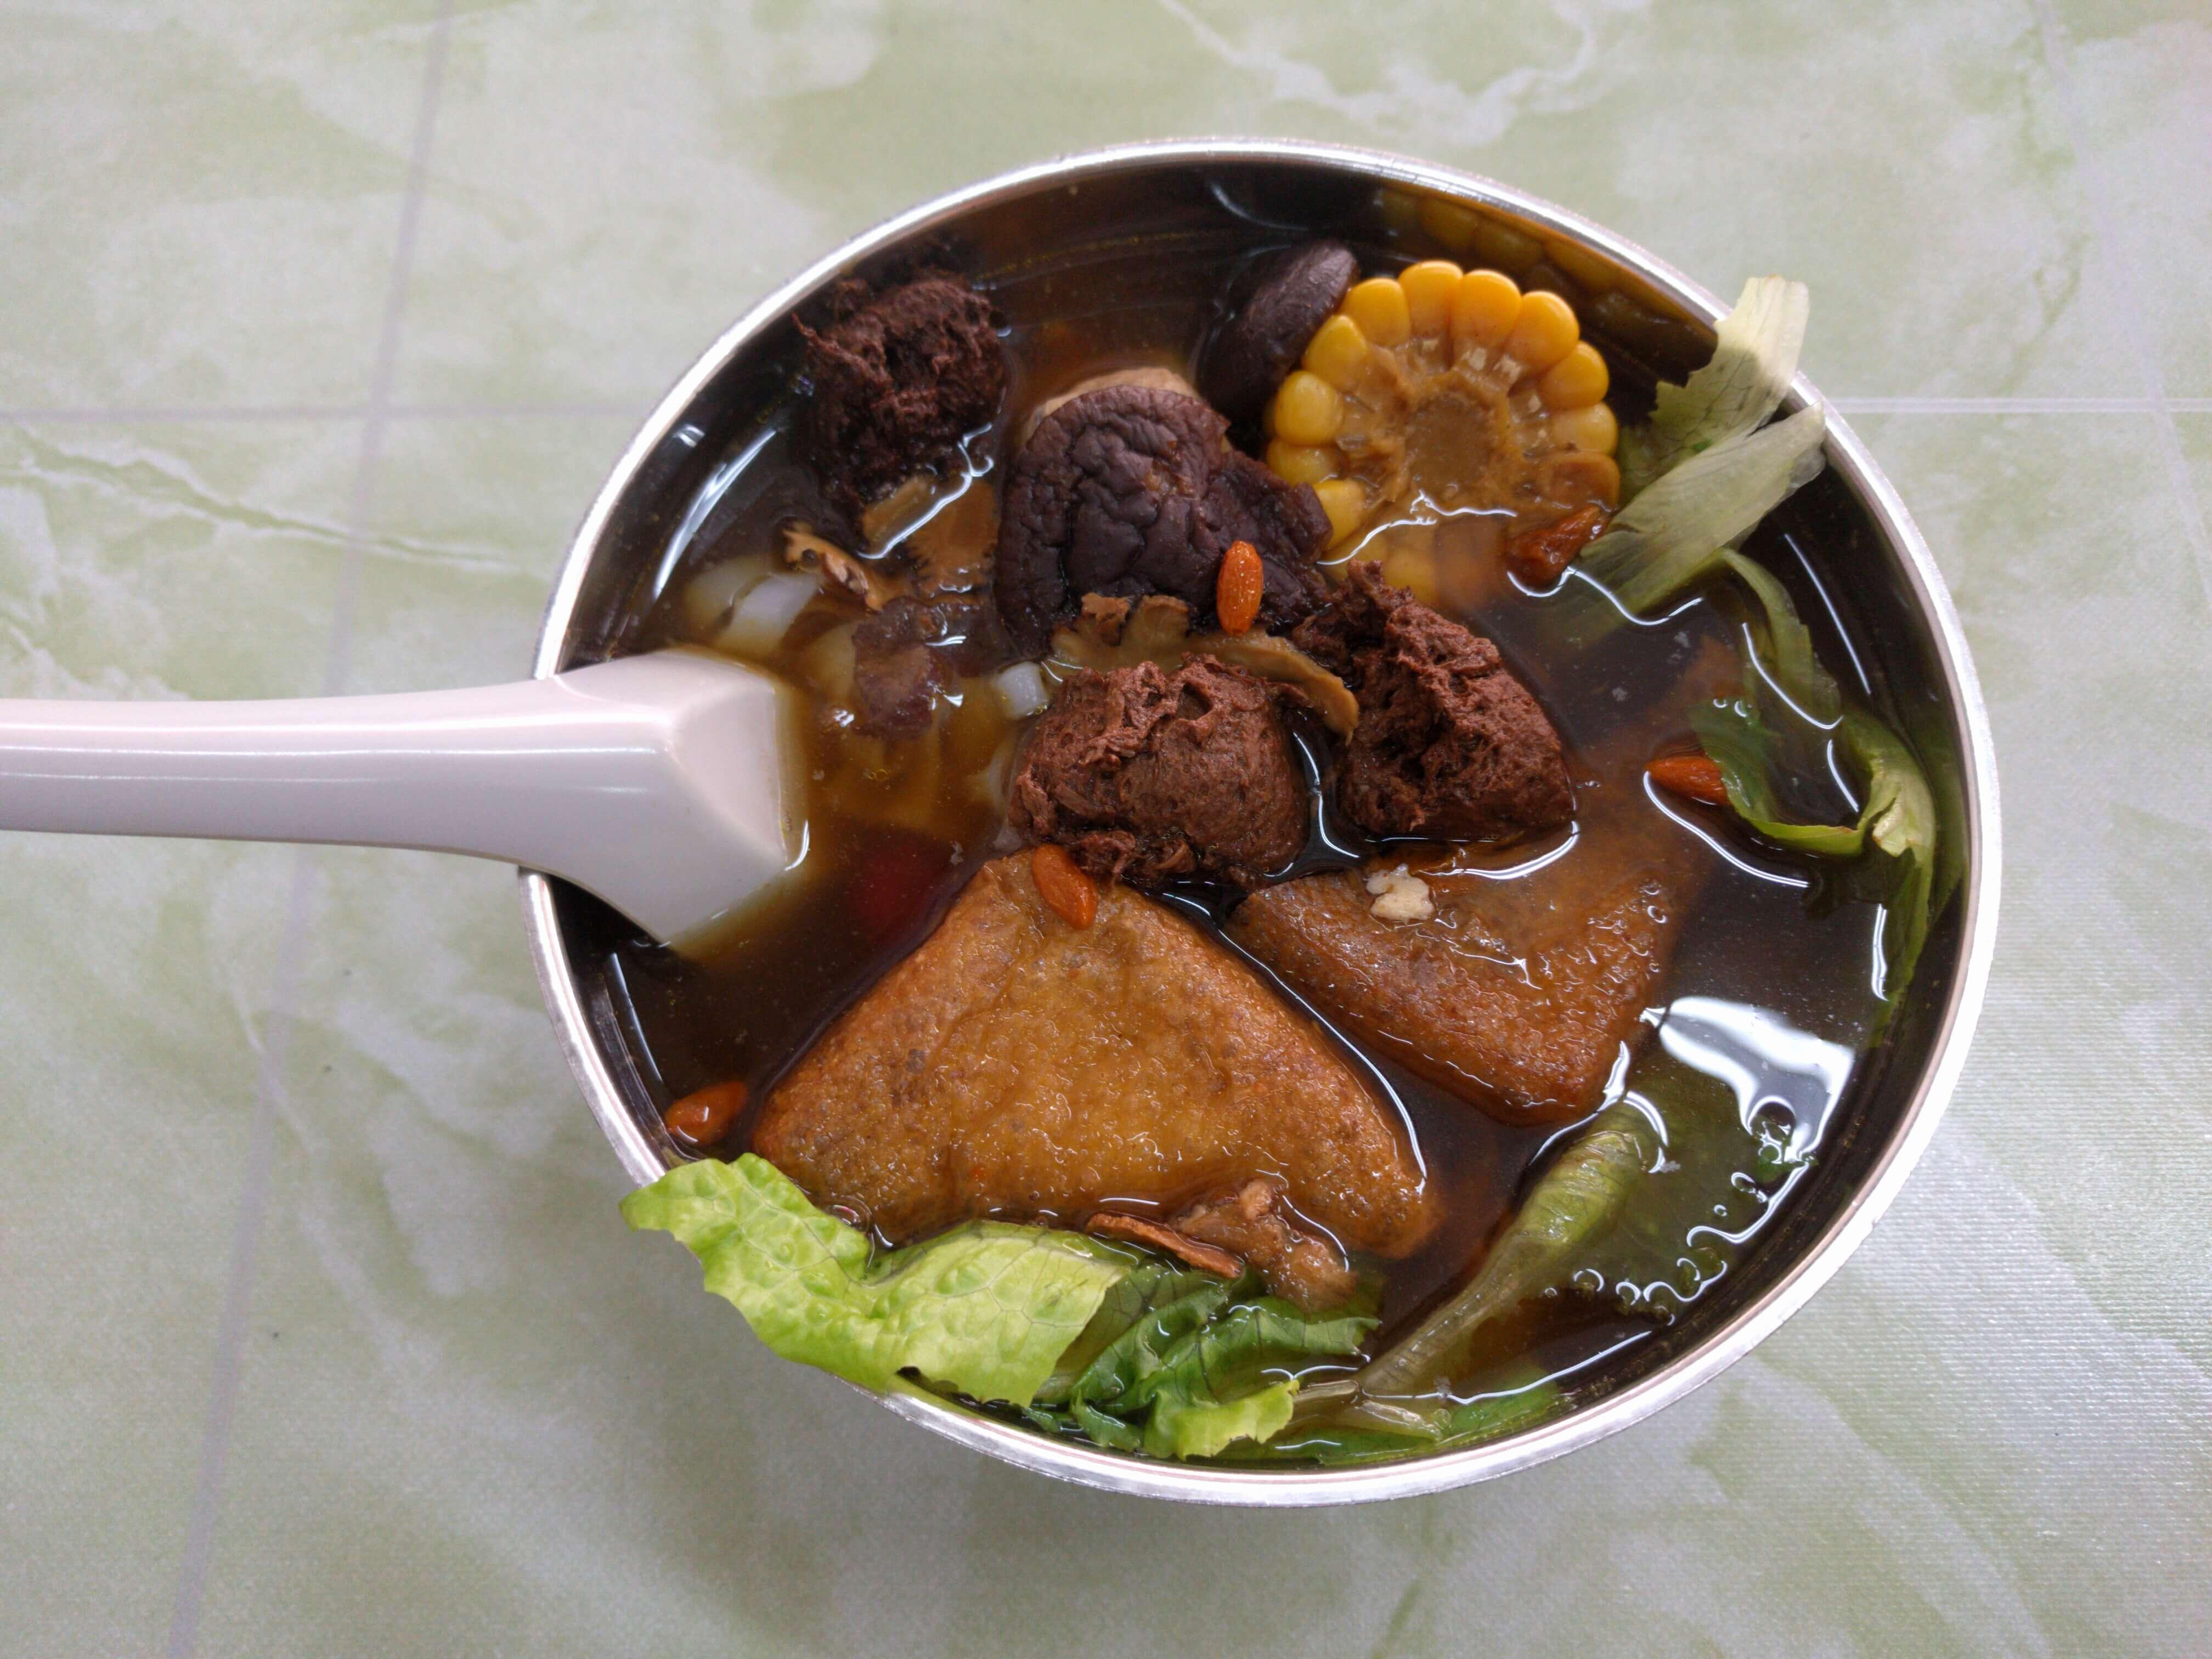 Chinese vegan food